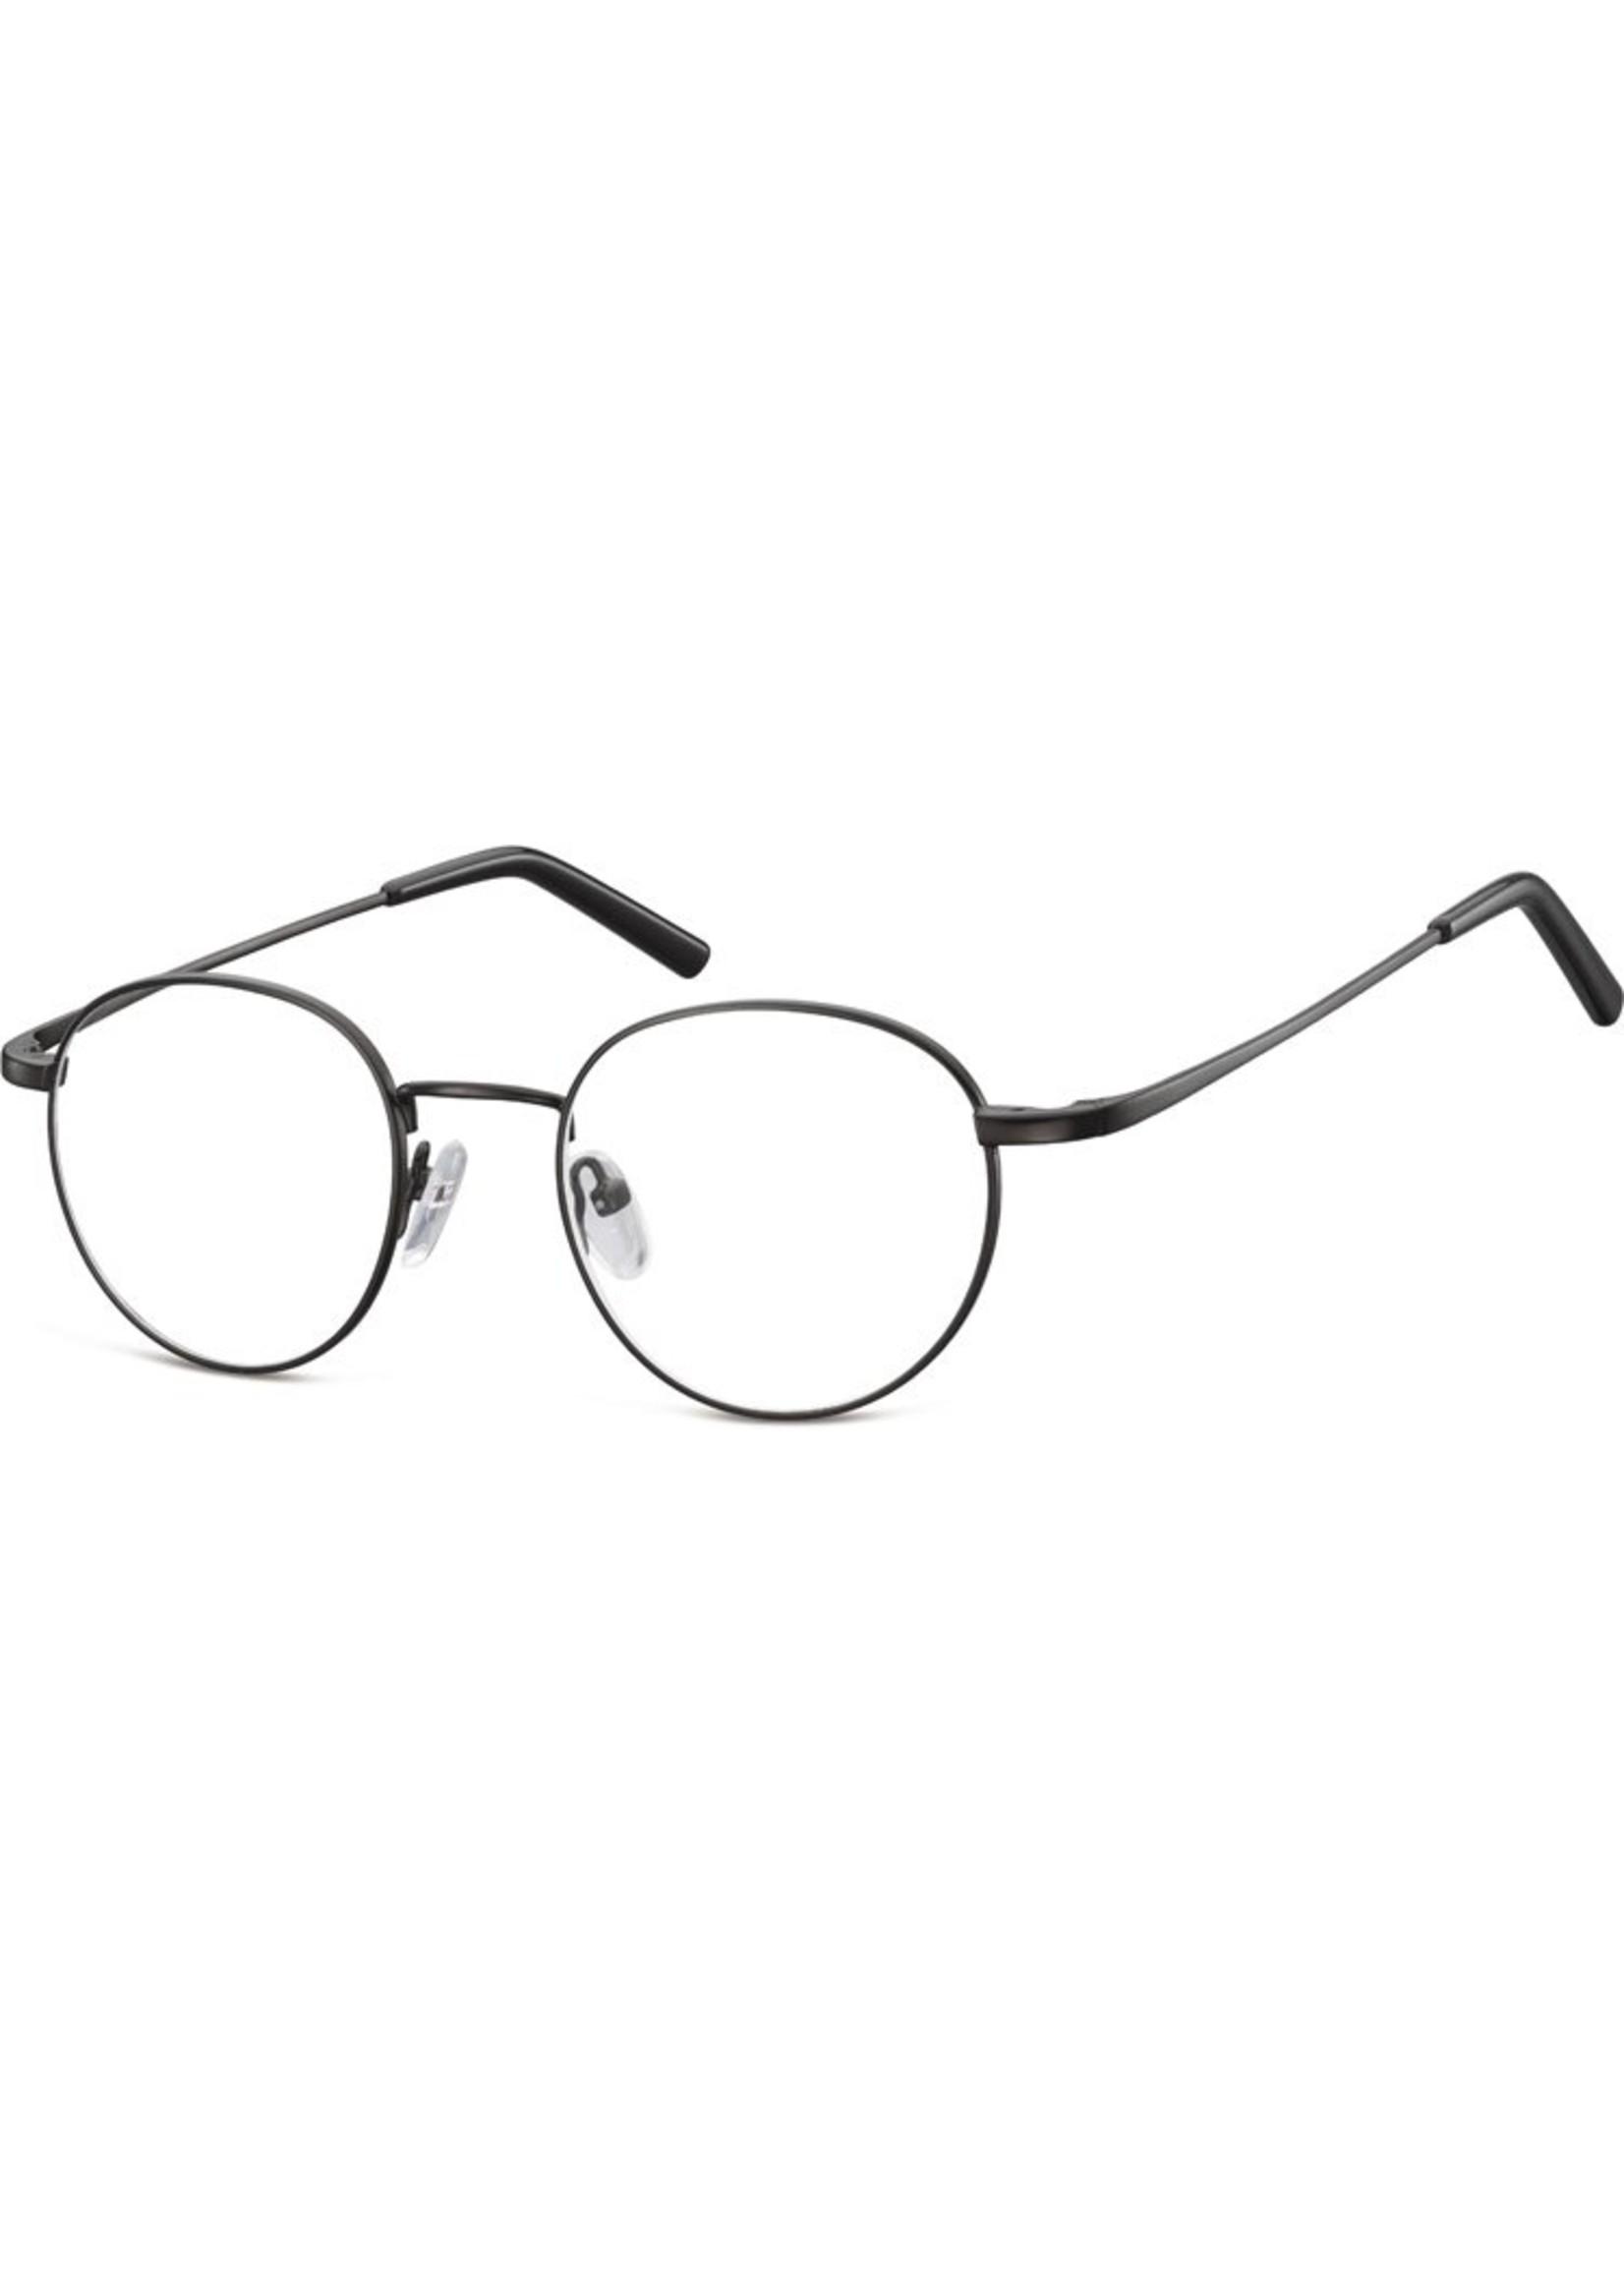 Panto bril Bernie in mat zwart metvkraswerend en ontspiegelde glazen